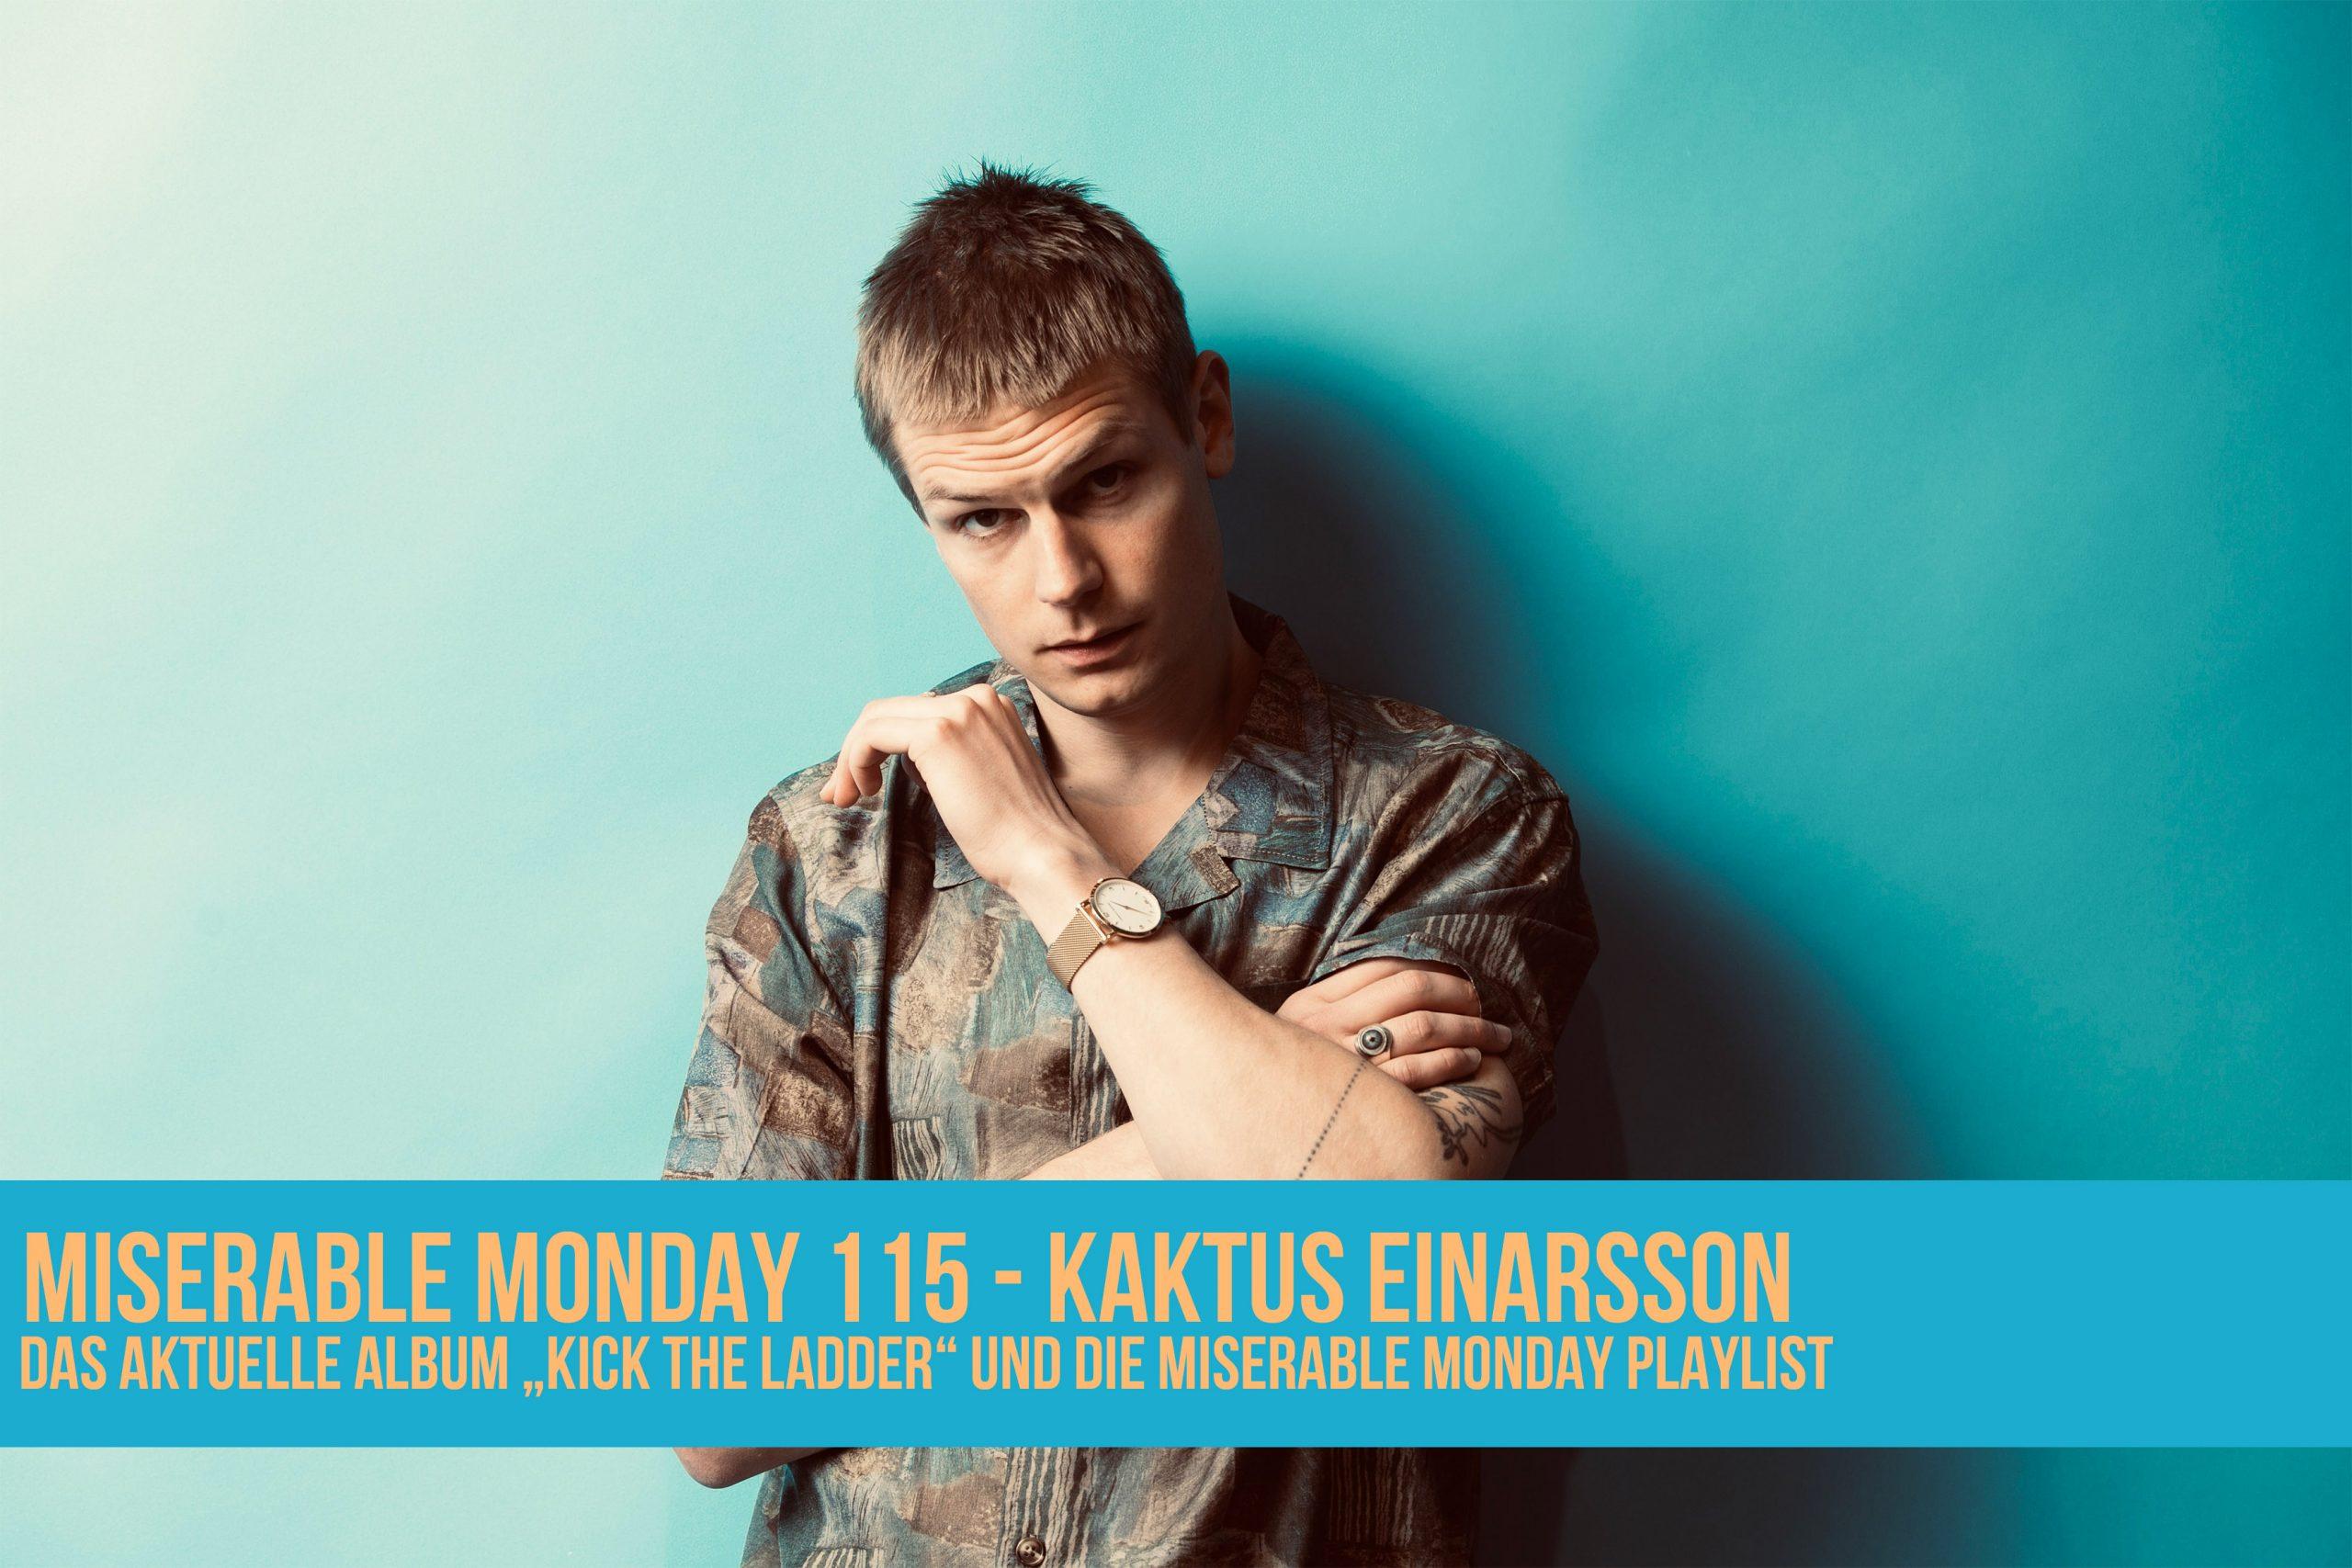 Kaktus Einarsson, official Press pic